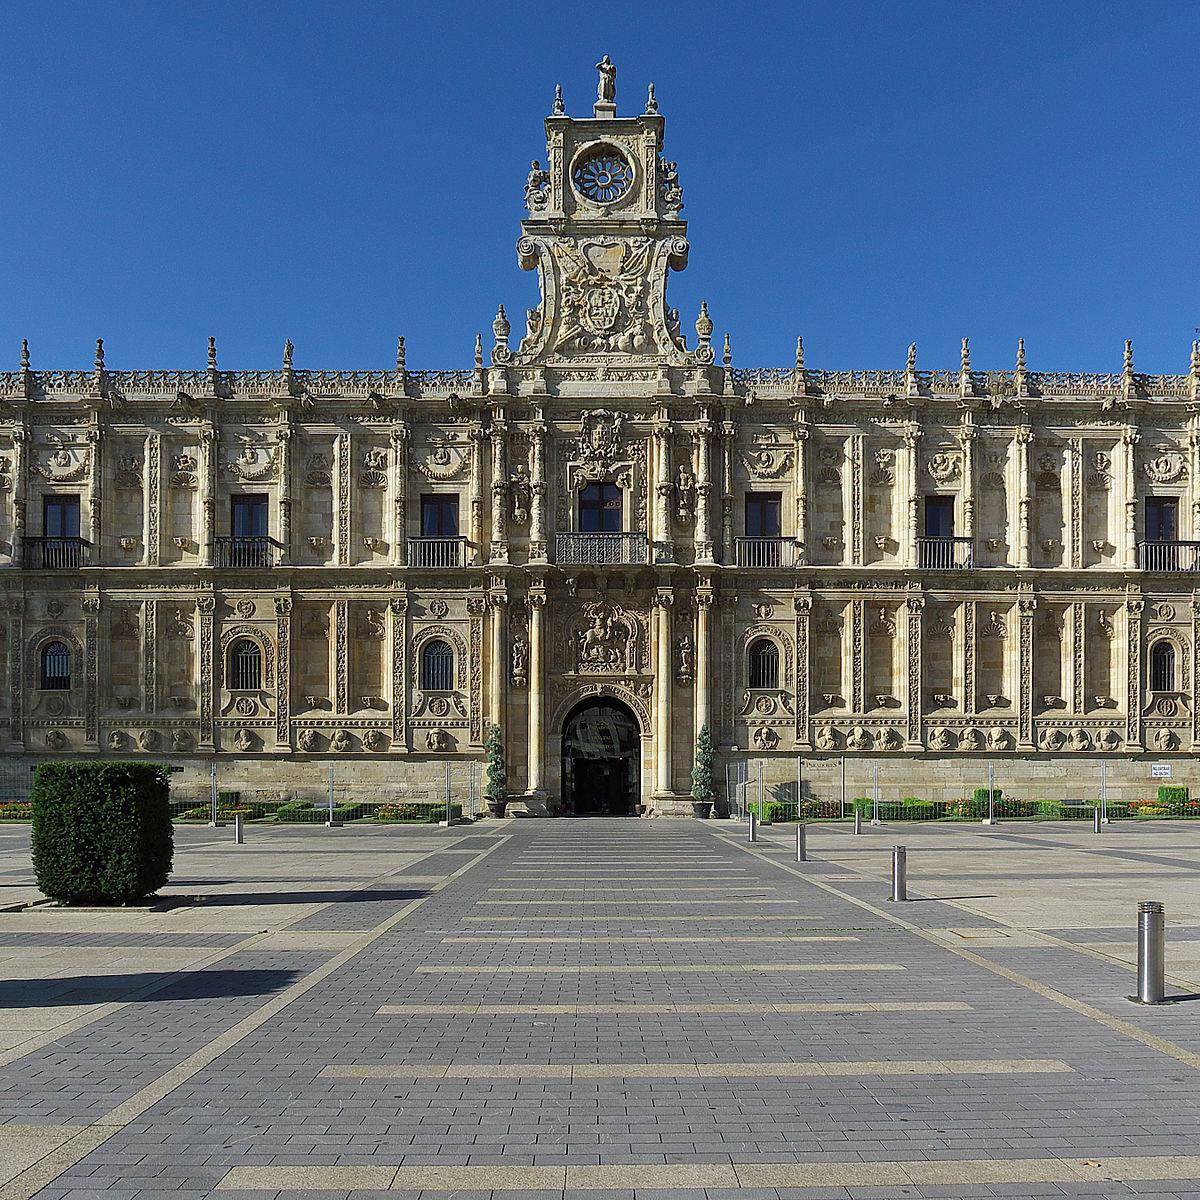 Convento de San Marcos (León) - Wikipedia, la enciclopedia libre